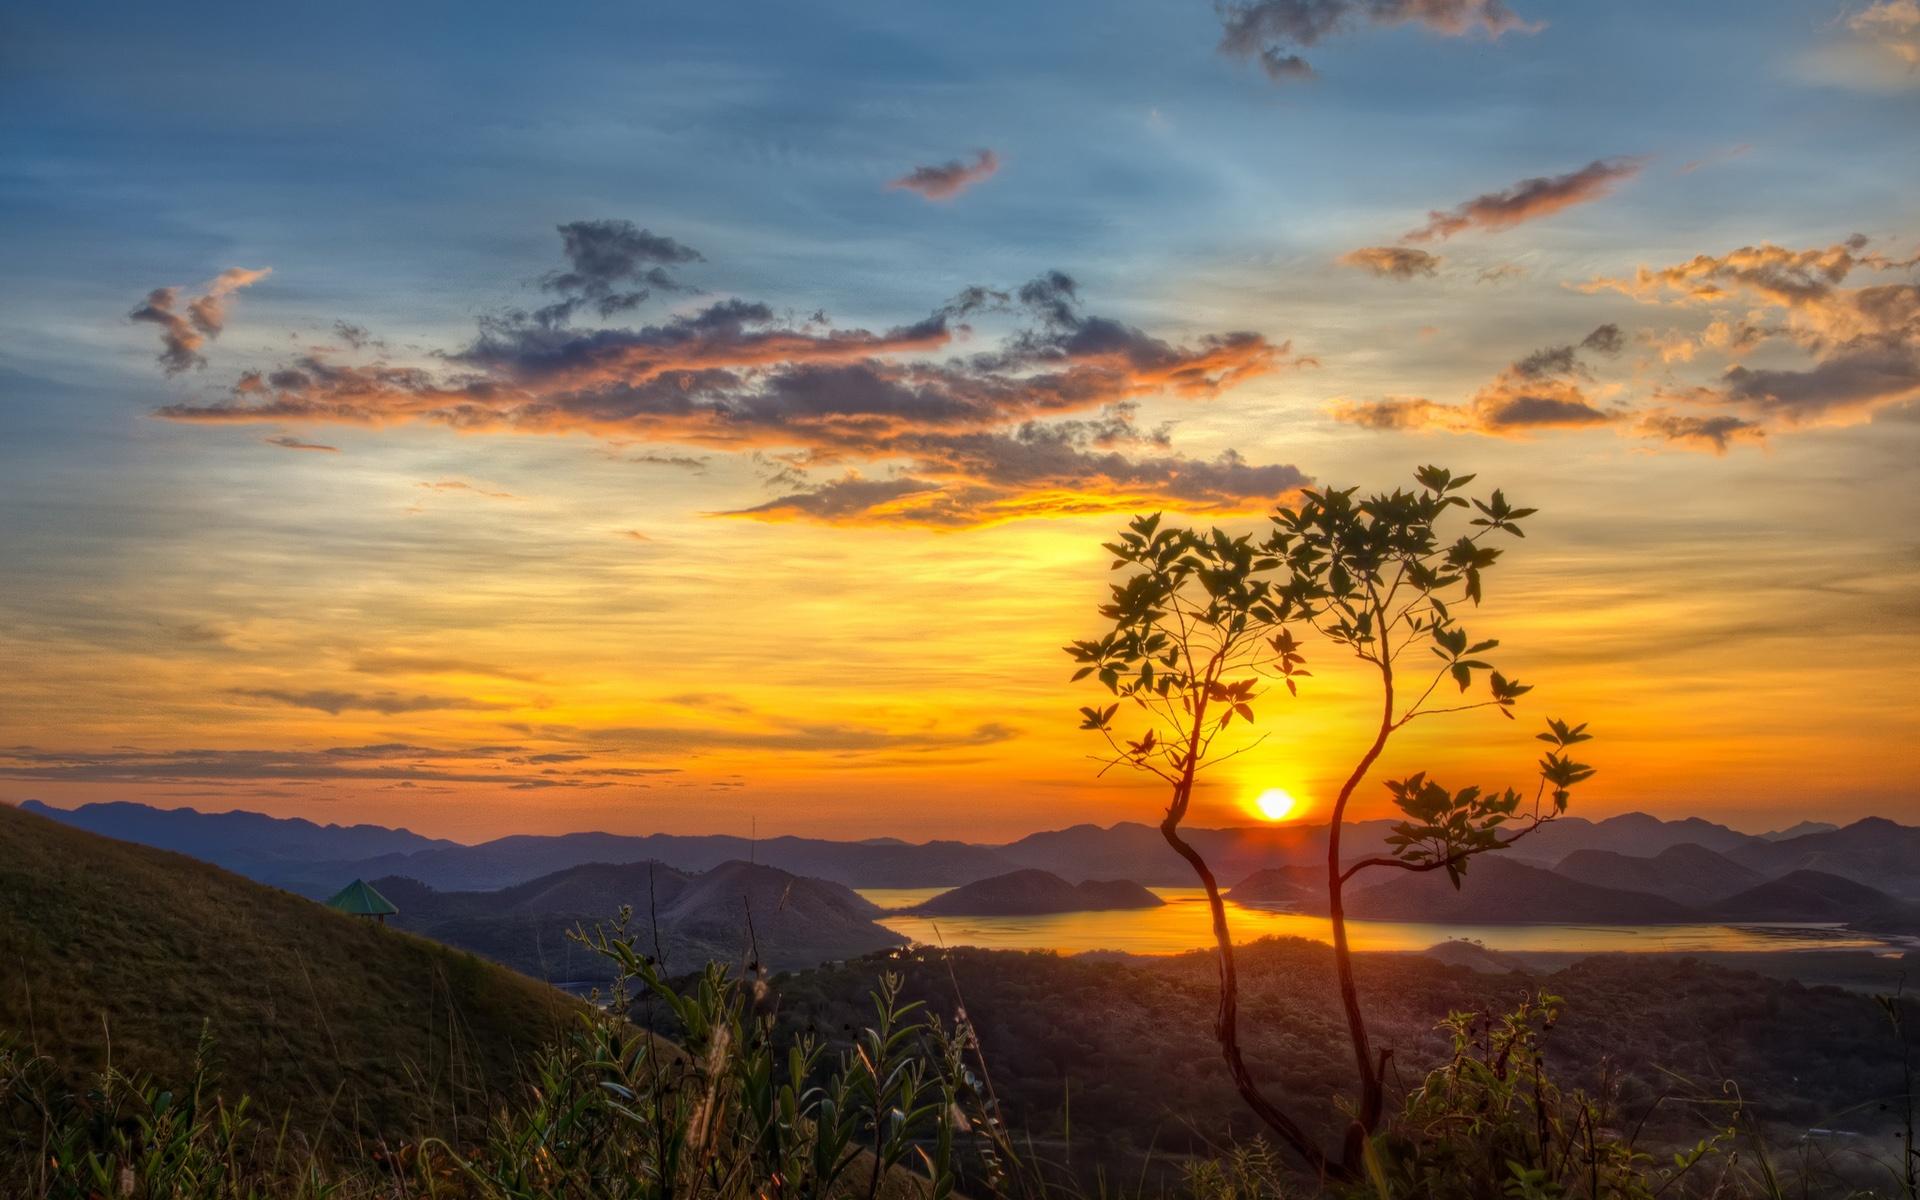 Citate Fotografie Free : Natureza montanhas lago árvore sol manhã amanhecer